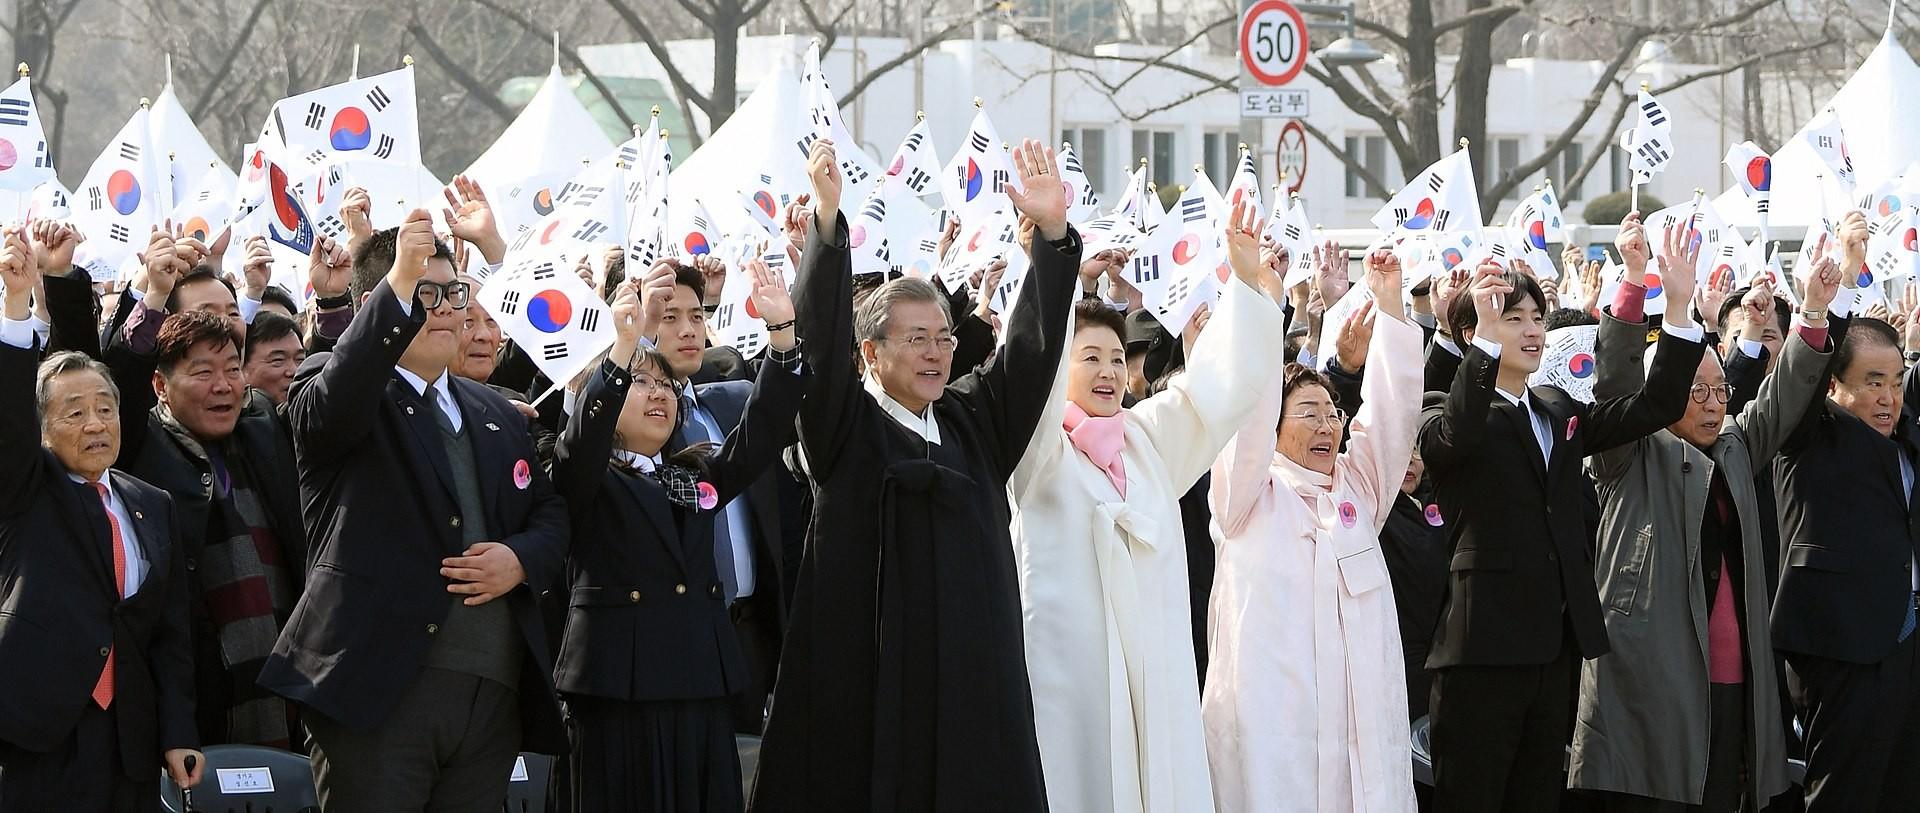 ▲▼韓國三一運動百週年紀念(圖/翻攝自維基百科)